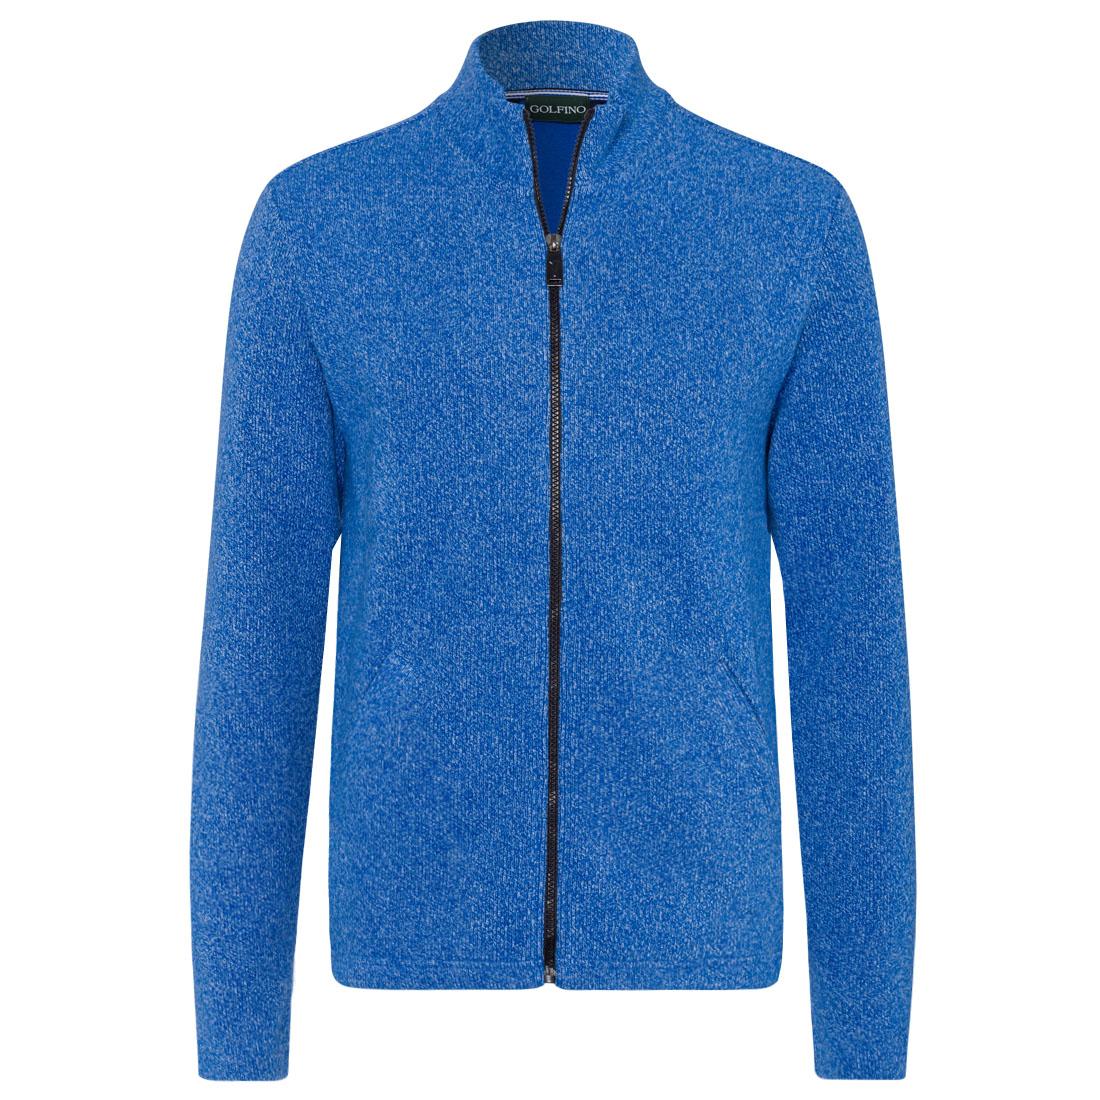 Herren Baumwoll Melange Jacke mit Taschen